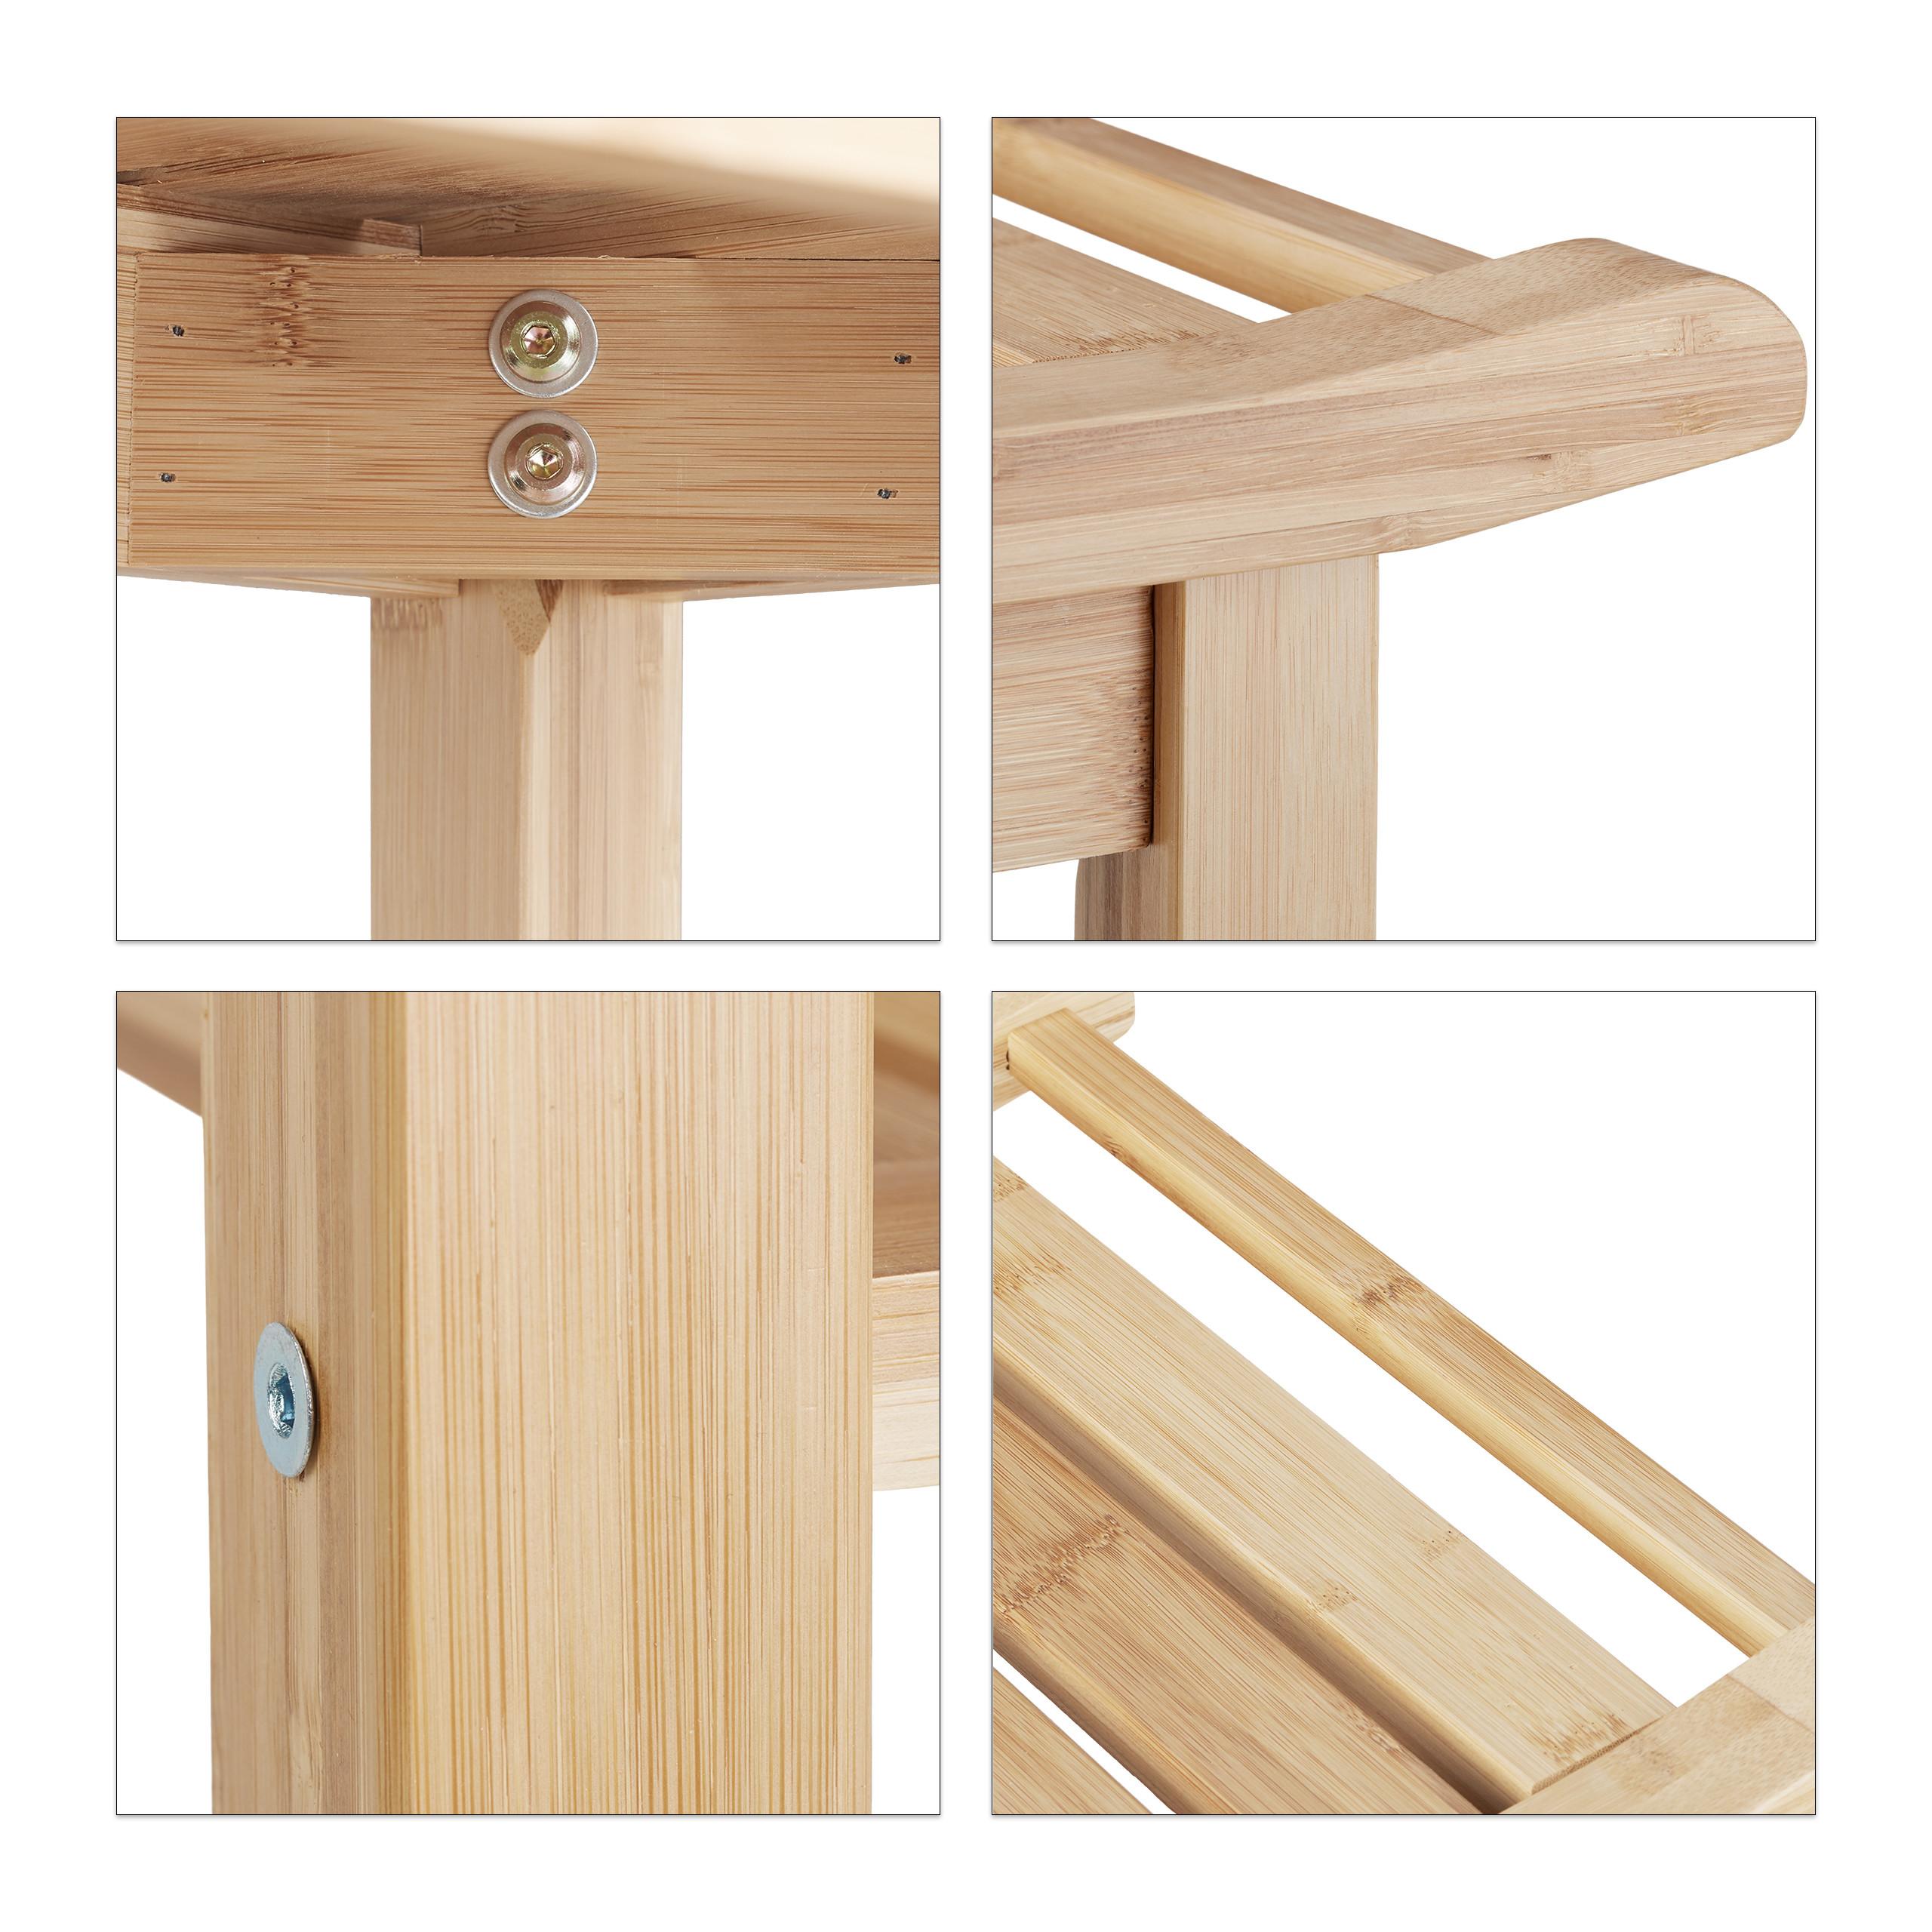 Badezimmer Bank Bambus Mit Ablage Natur Holz Bank Furs Bad Schuhfach Sitzbank Ebay